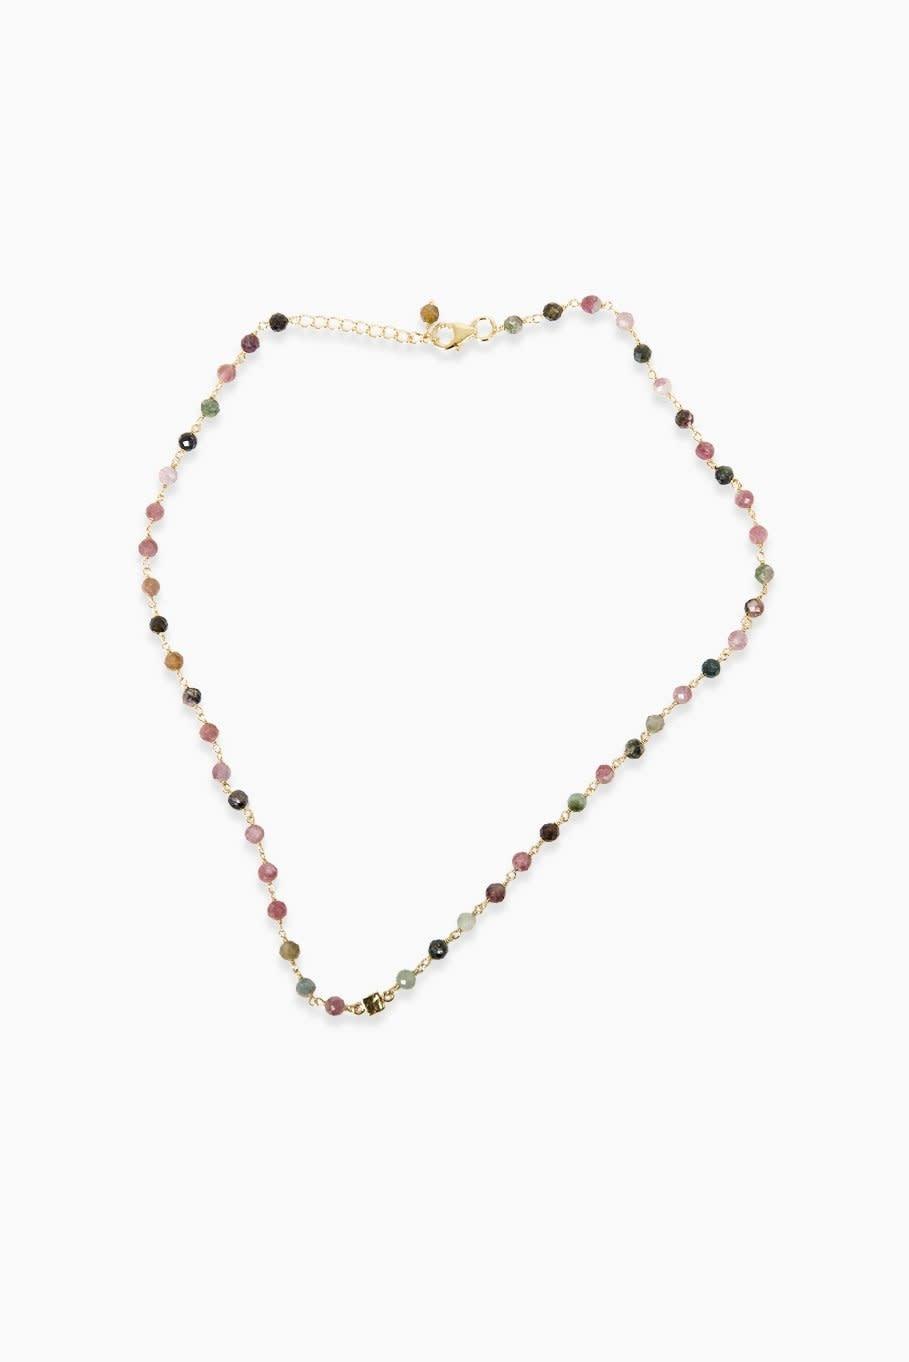 Détail Detail necklace Adrina tourmaline GP (8091)